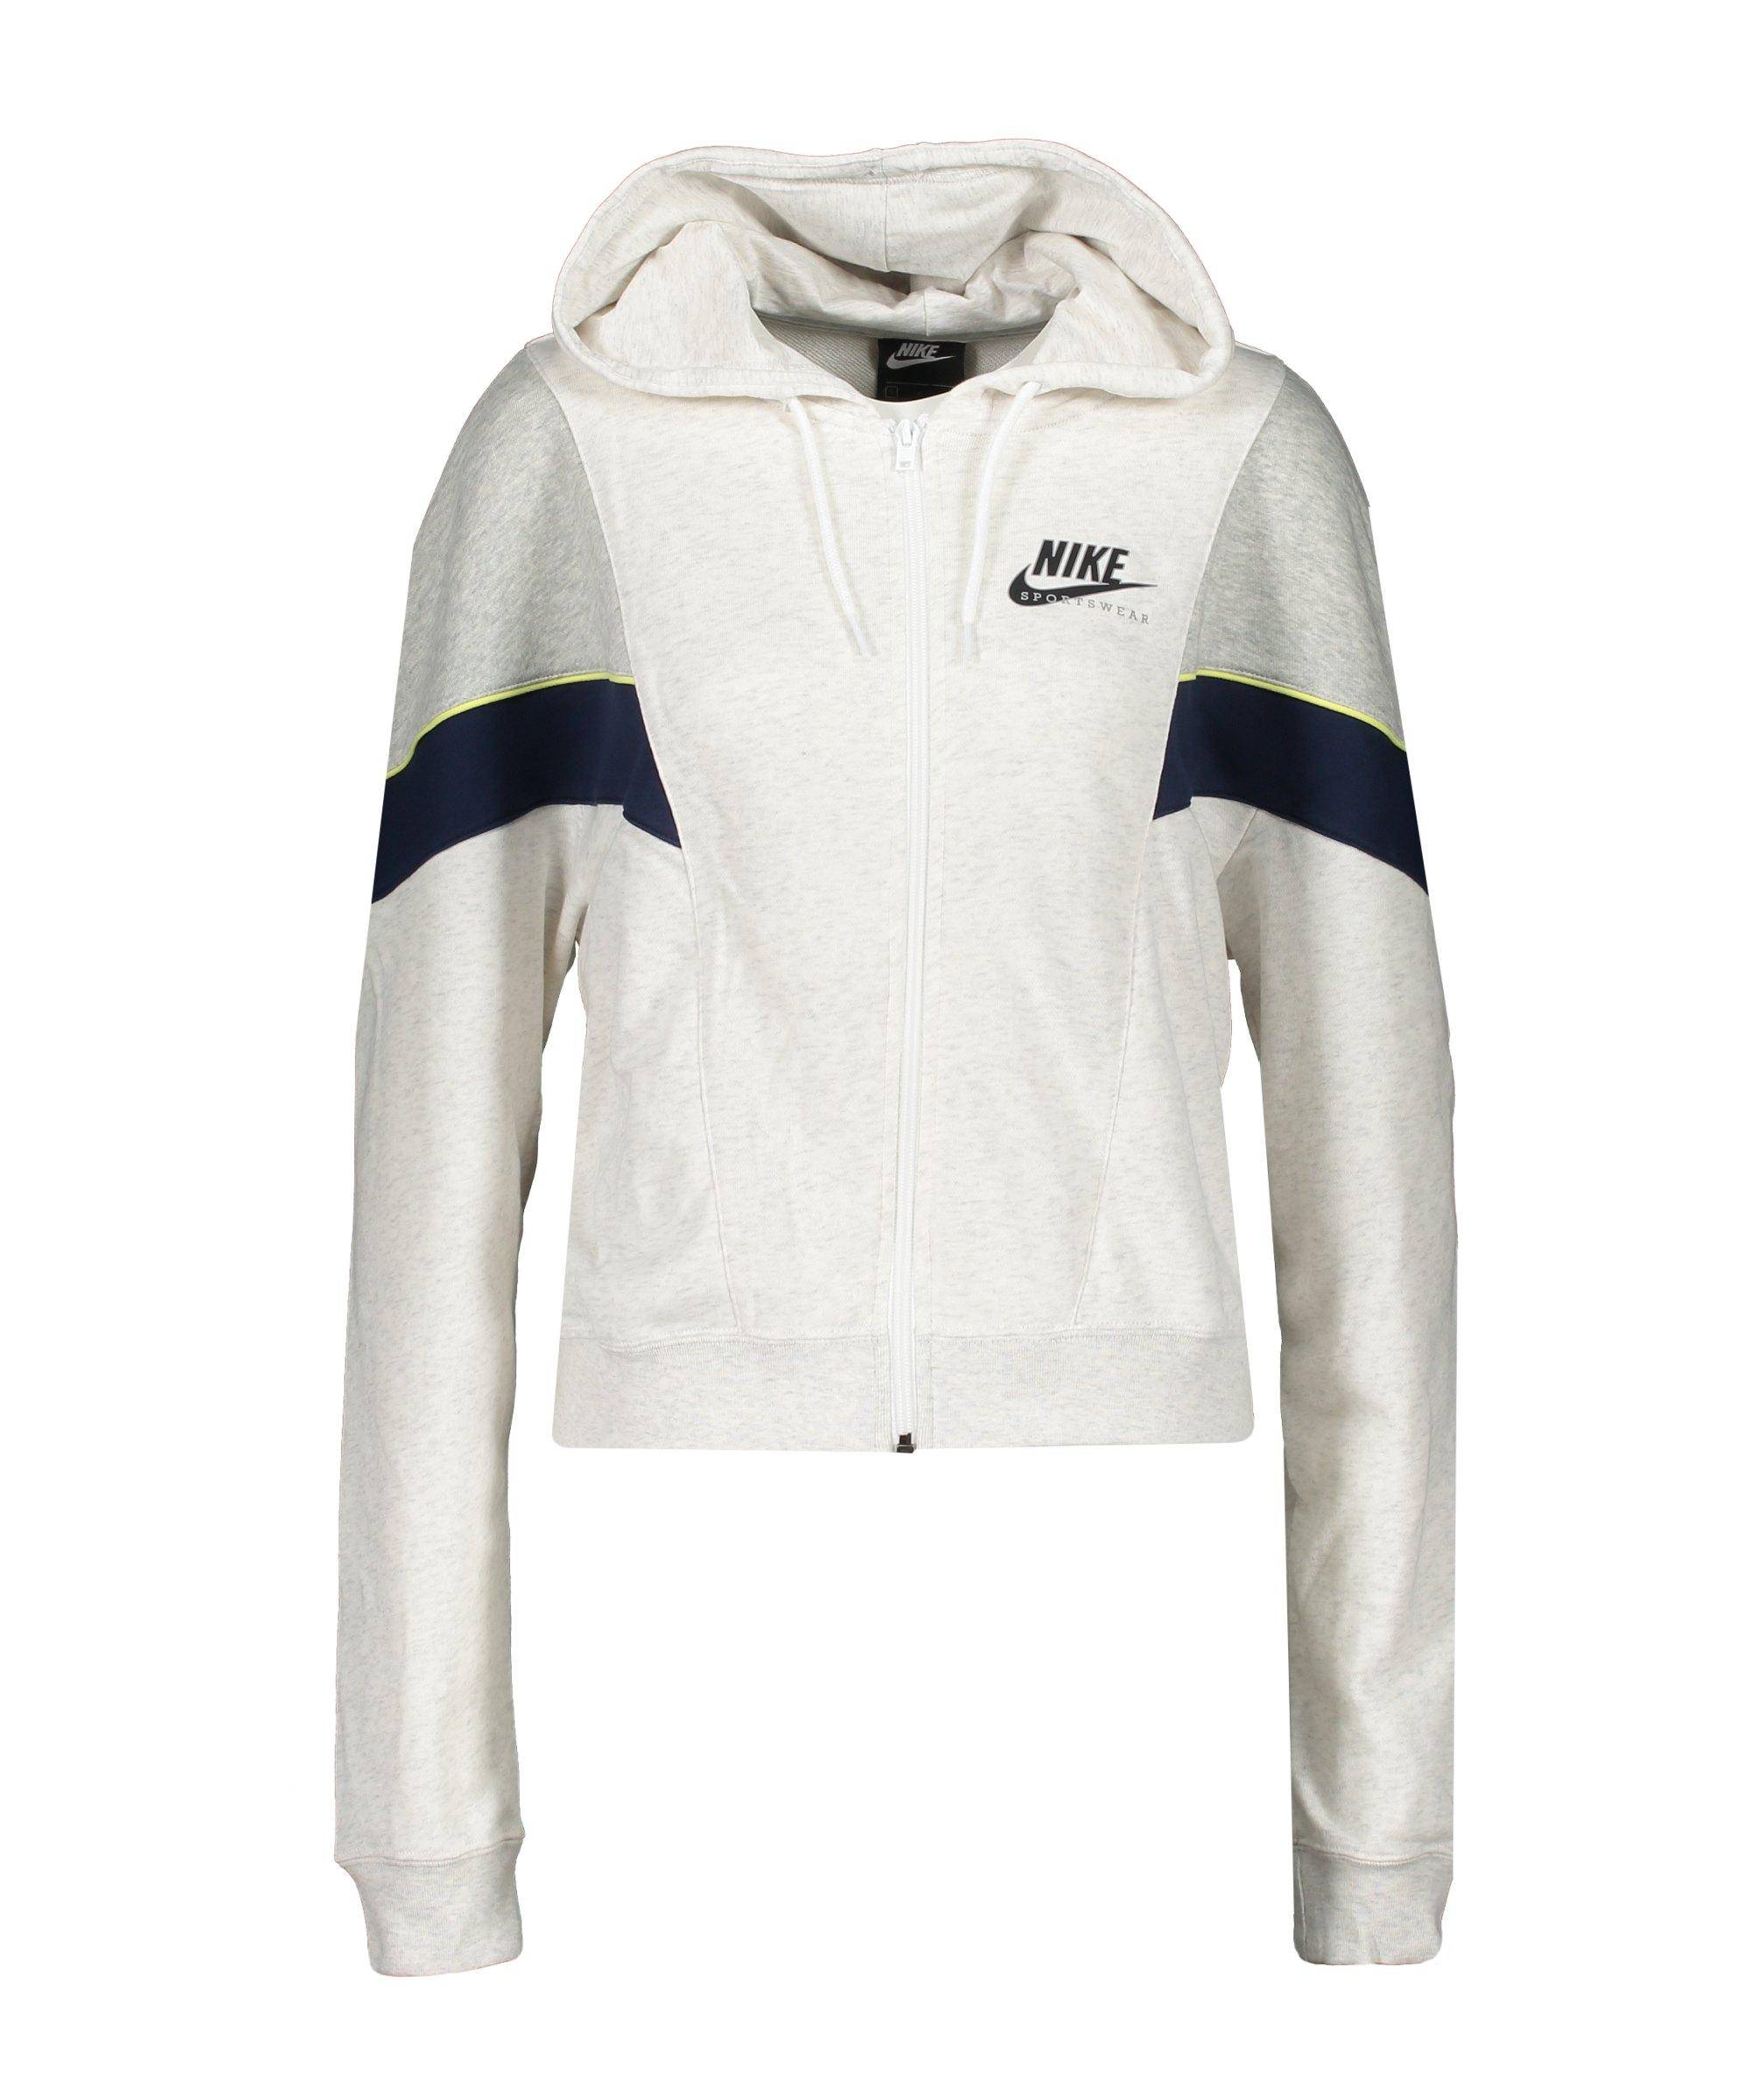 Nike Heritage Kapuzenjacke Damen Weiss F051 - weiss